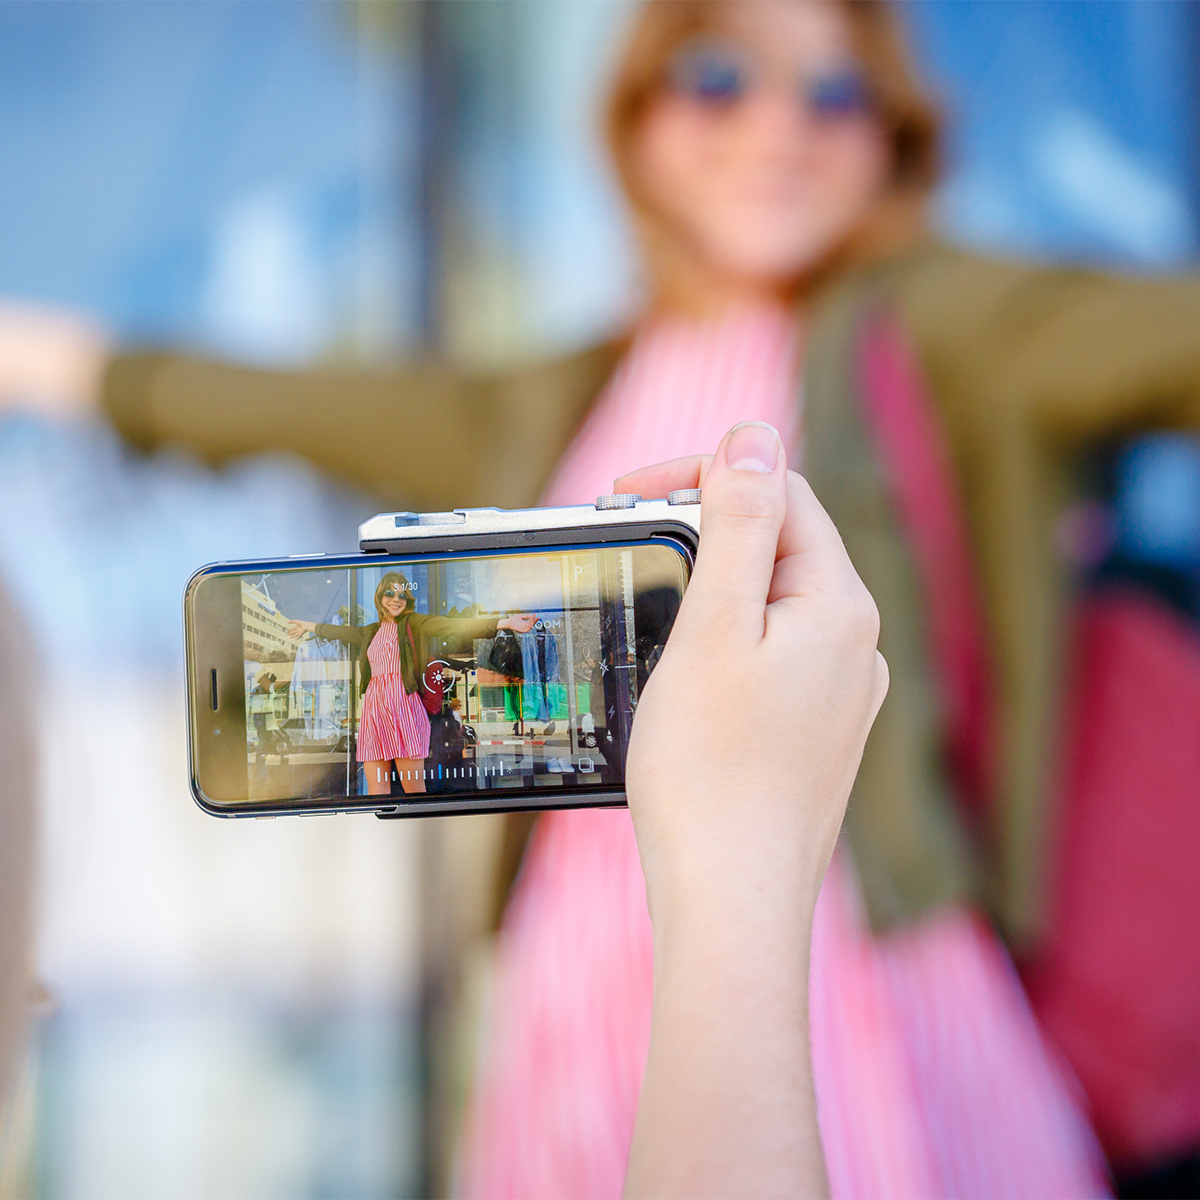 iPhone でもっと面白い写真撮りたい! 《最新モデル》綺麗な写真を撮りながら、写真の楽しさが学べるカメラグリップ   PICTAR